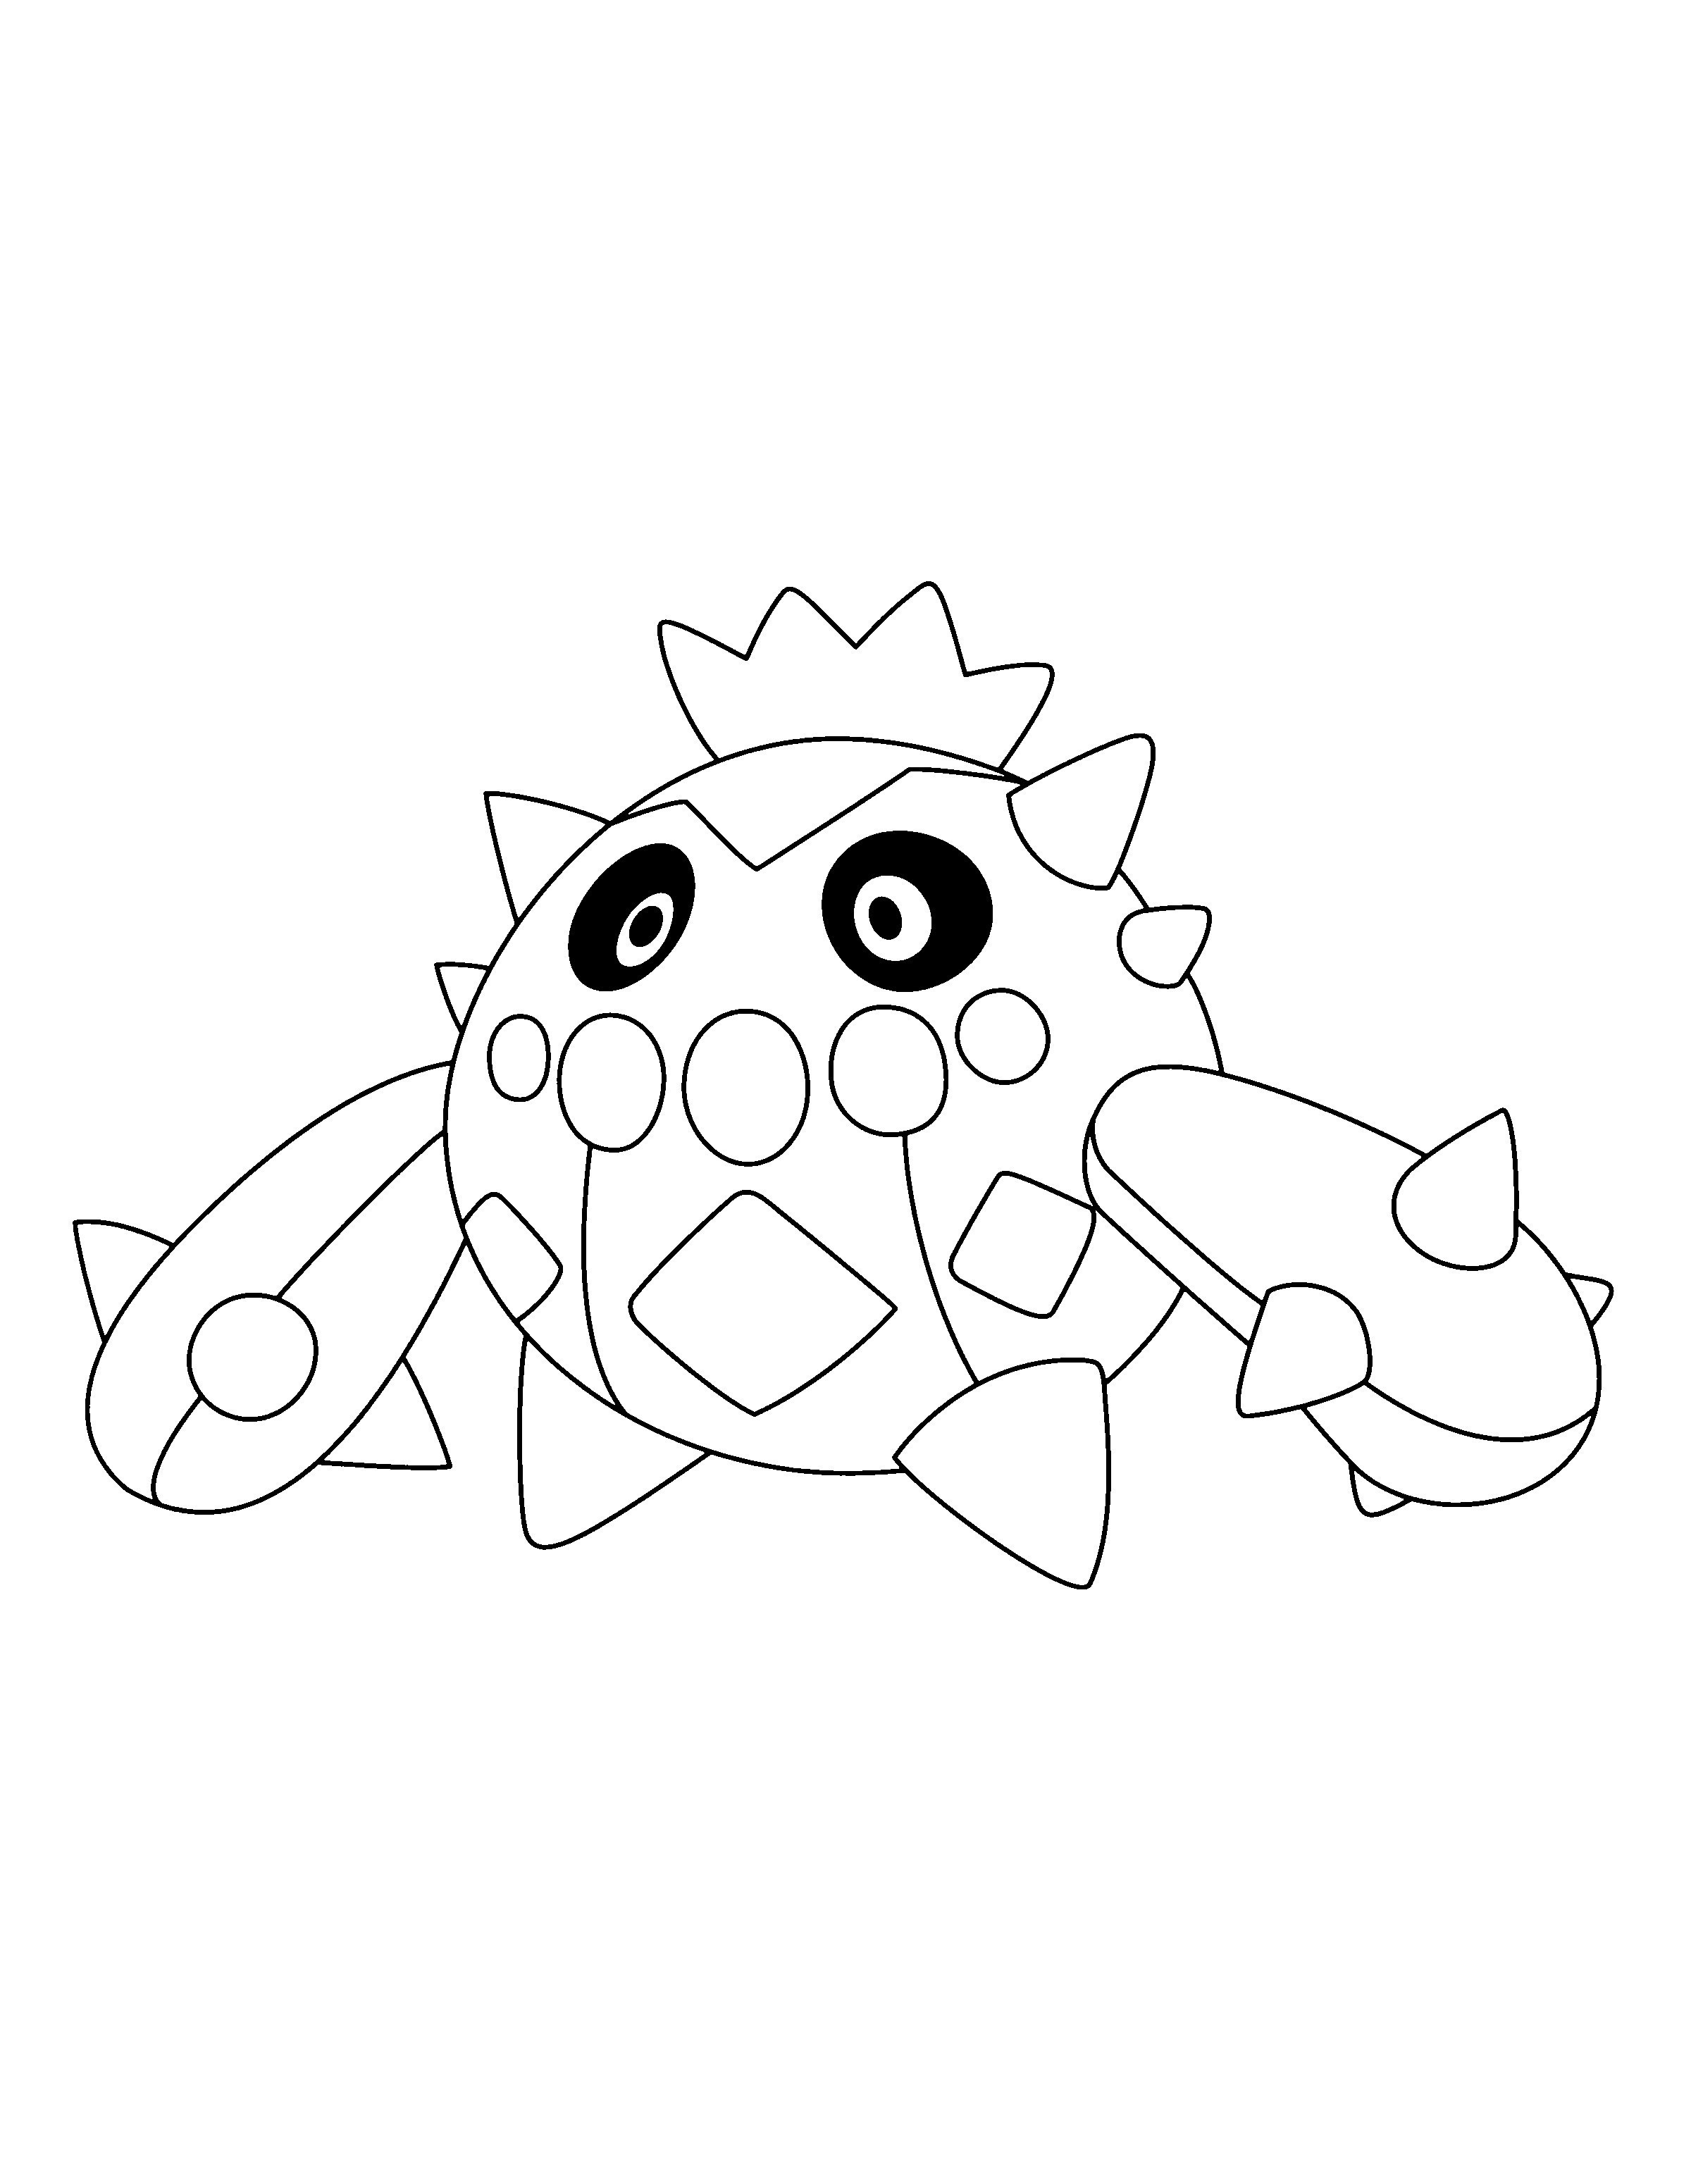 Ausmalbilder Pokemon Das Beste Von Pokemon Zeichenvorlage Galerie Bilder